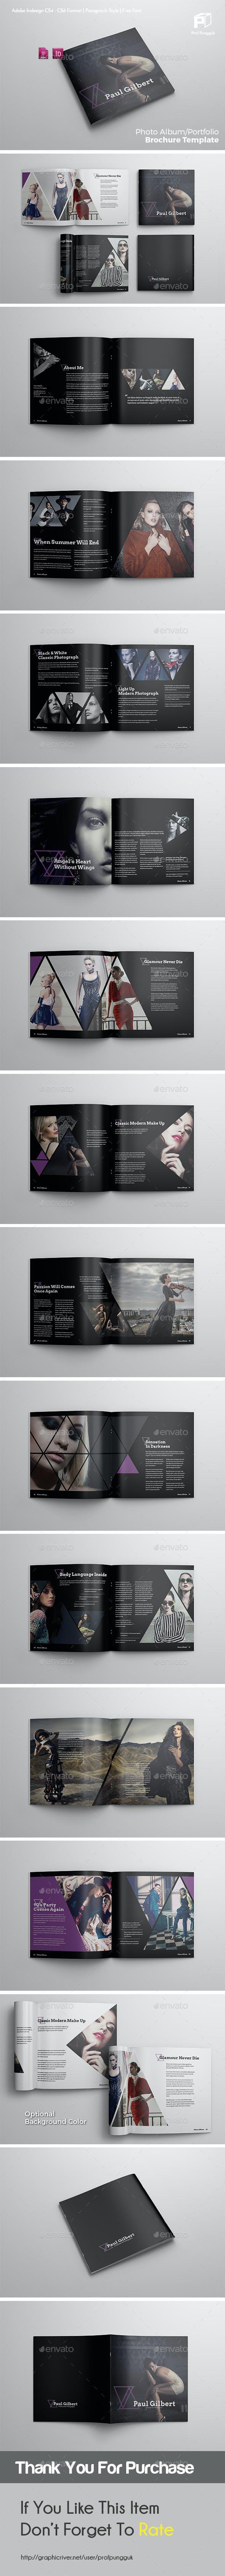 Square Photo Album Vol.2